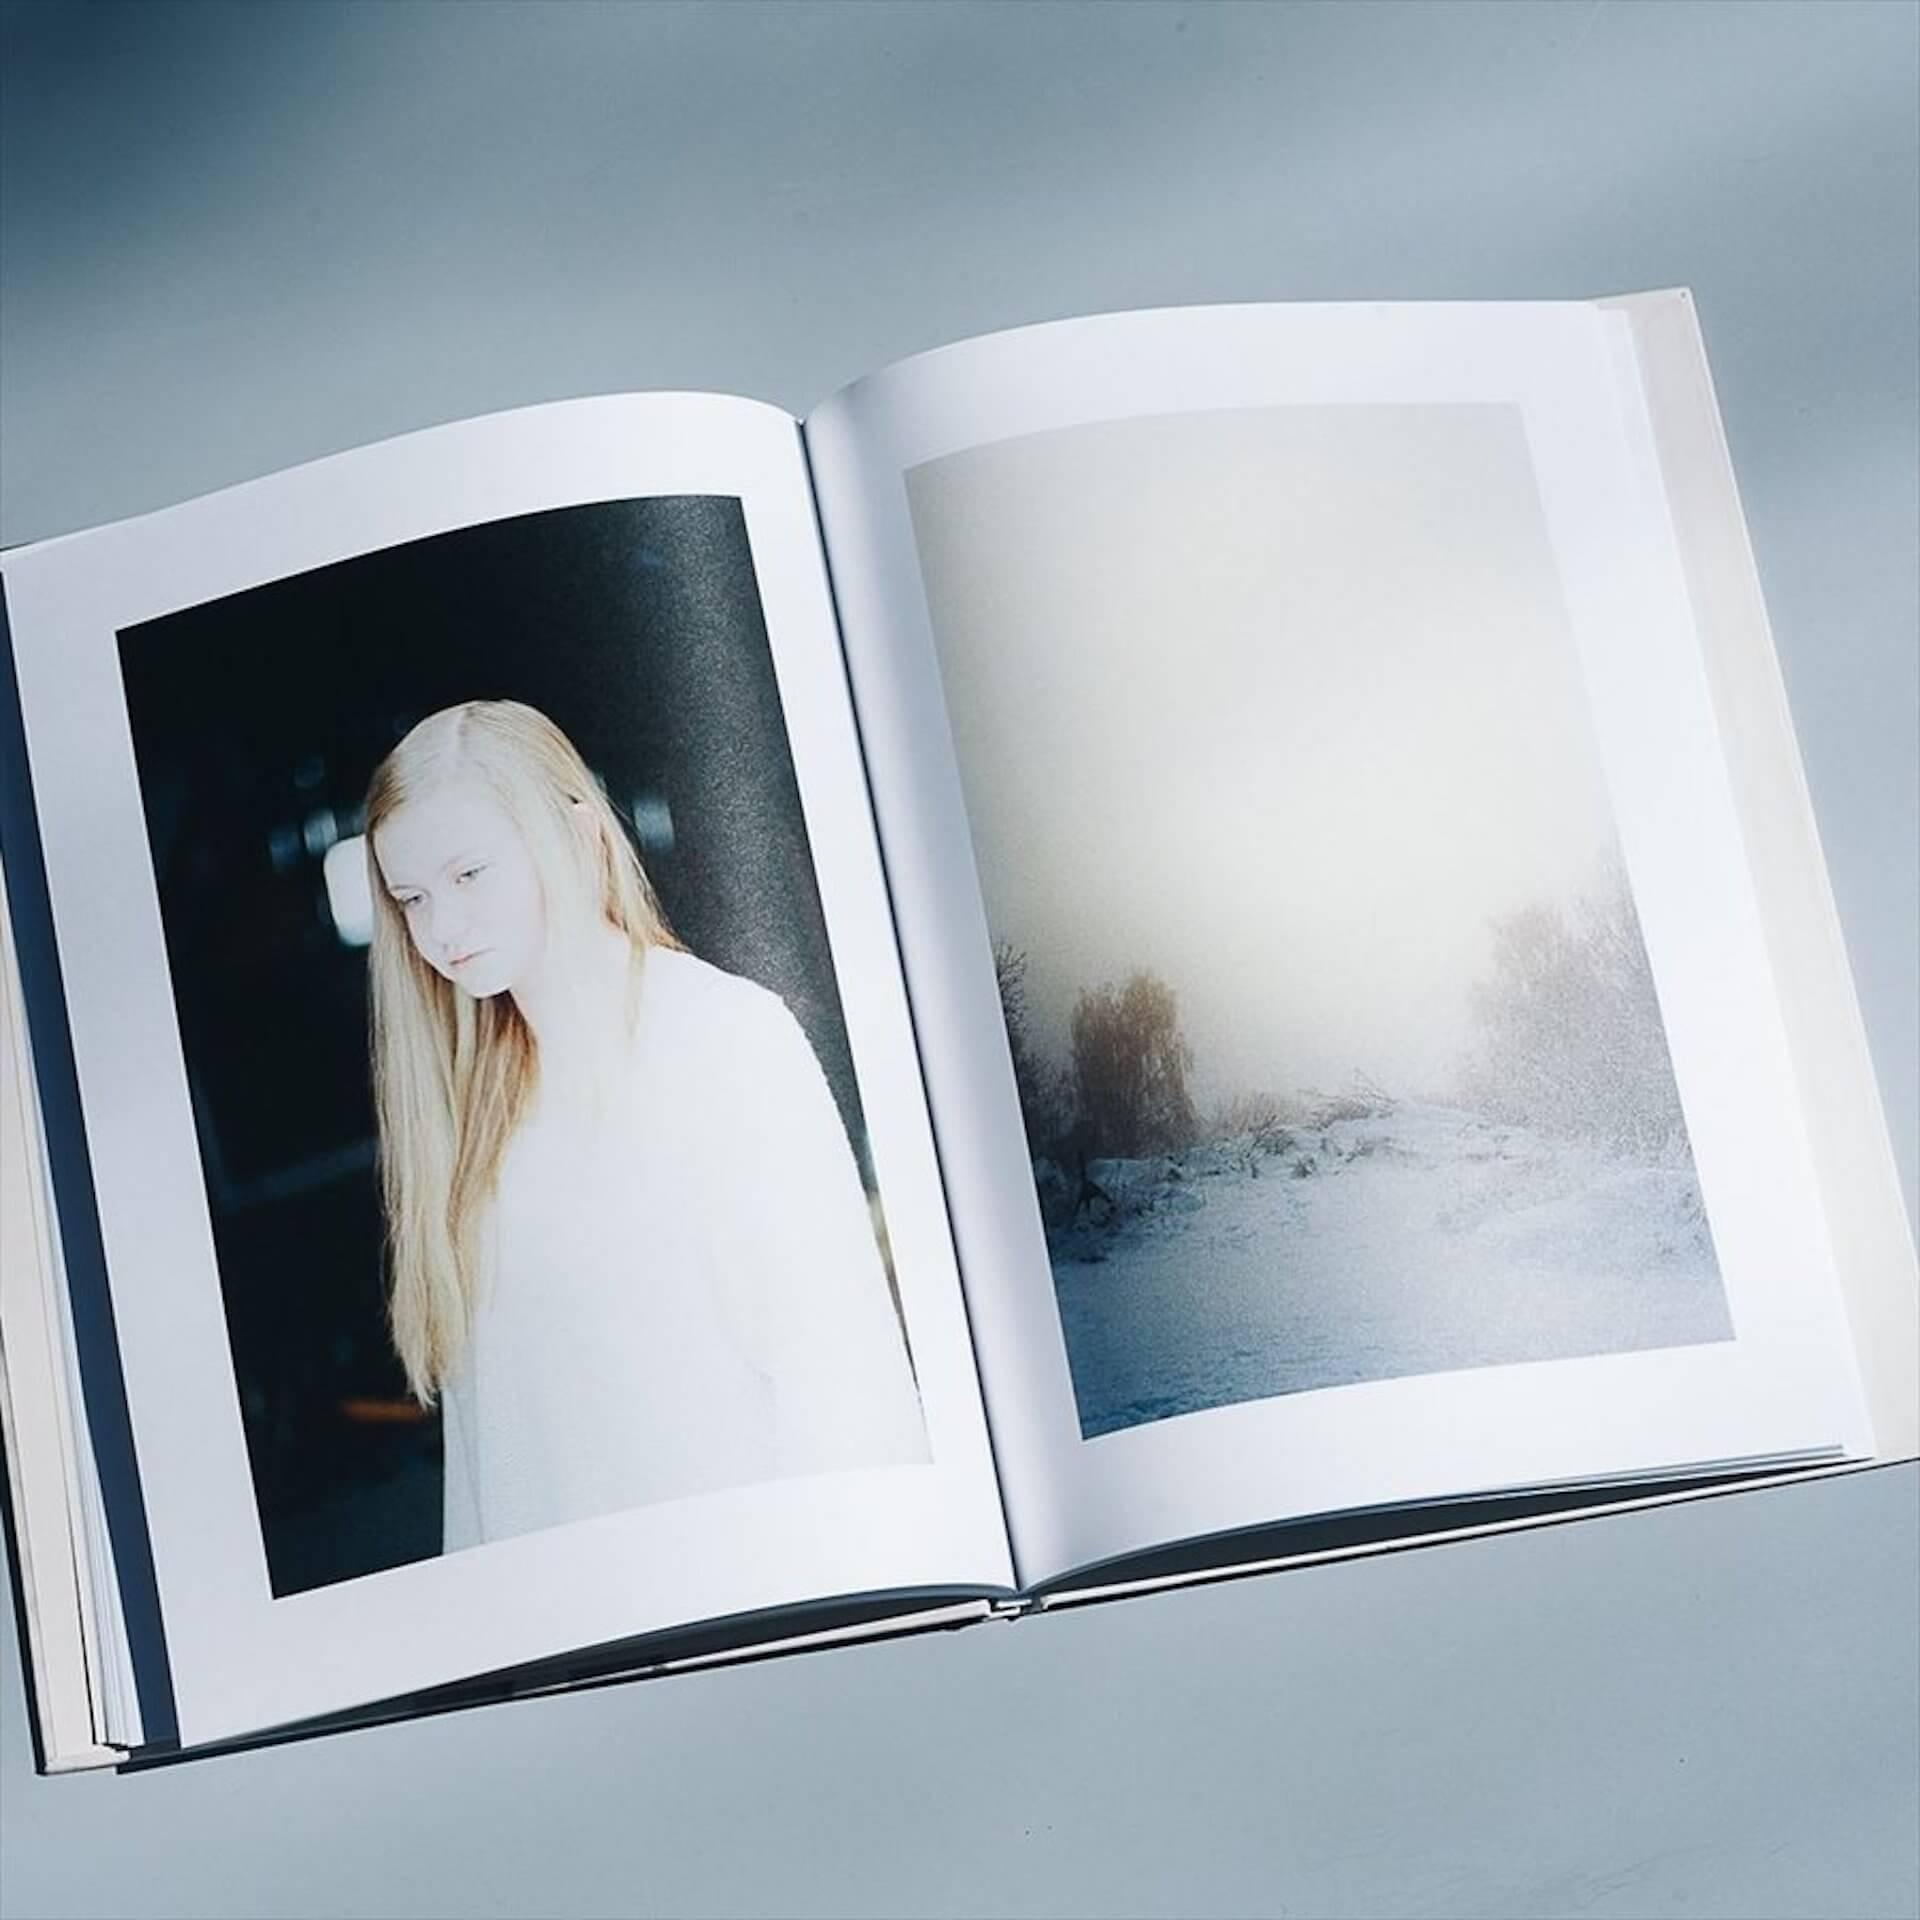 アートブックノススメ|Qetic編集部が選ぶ5冊/Roni Ahn 他 column210916_artbook-02